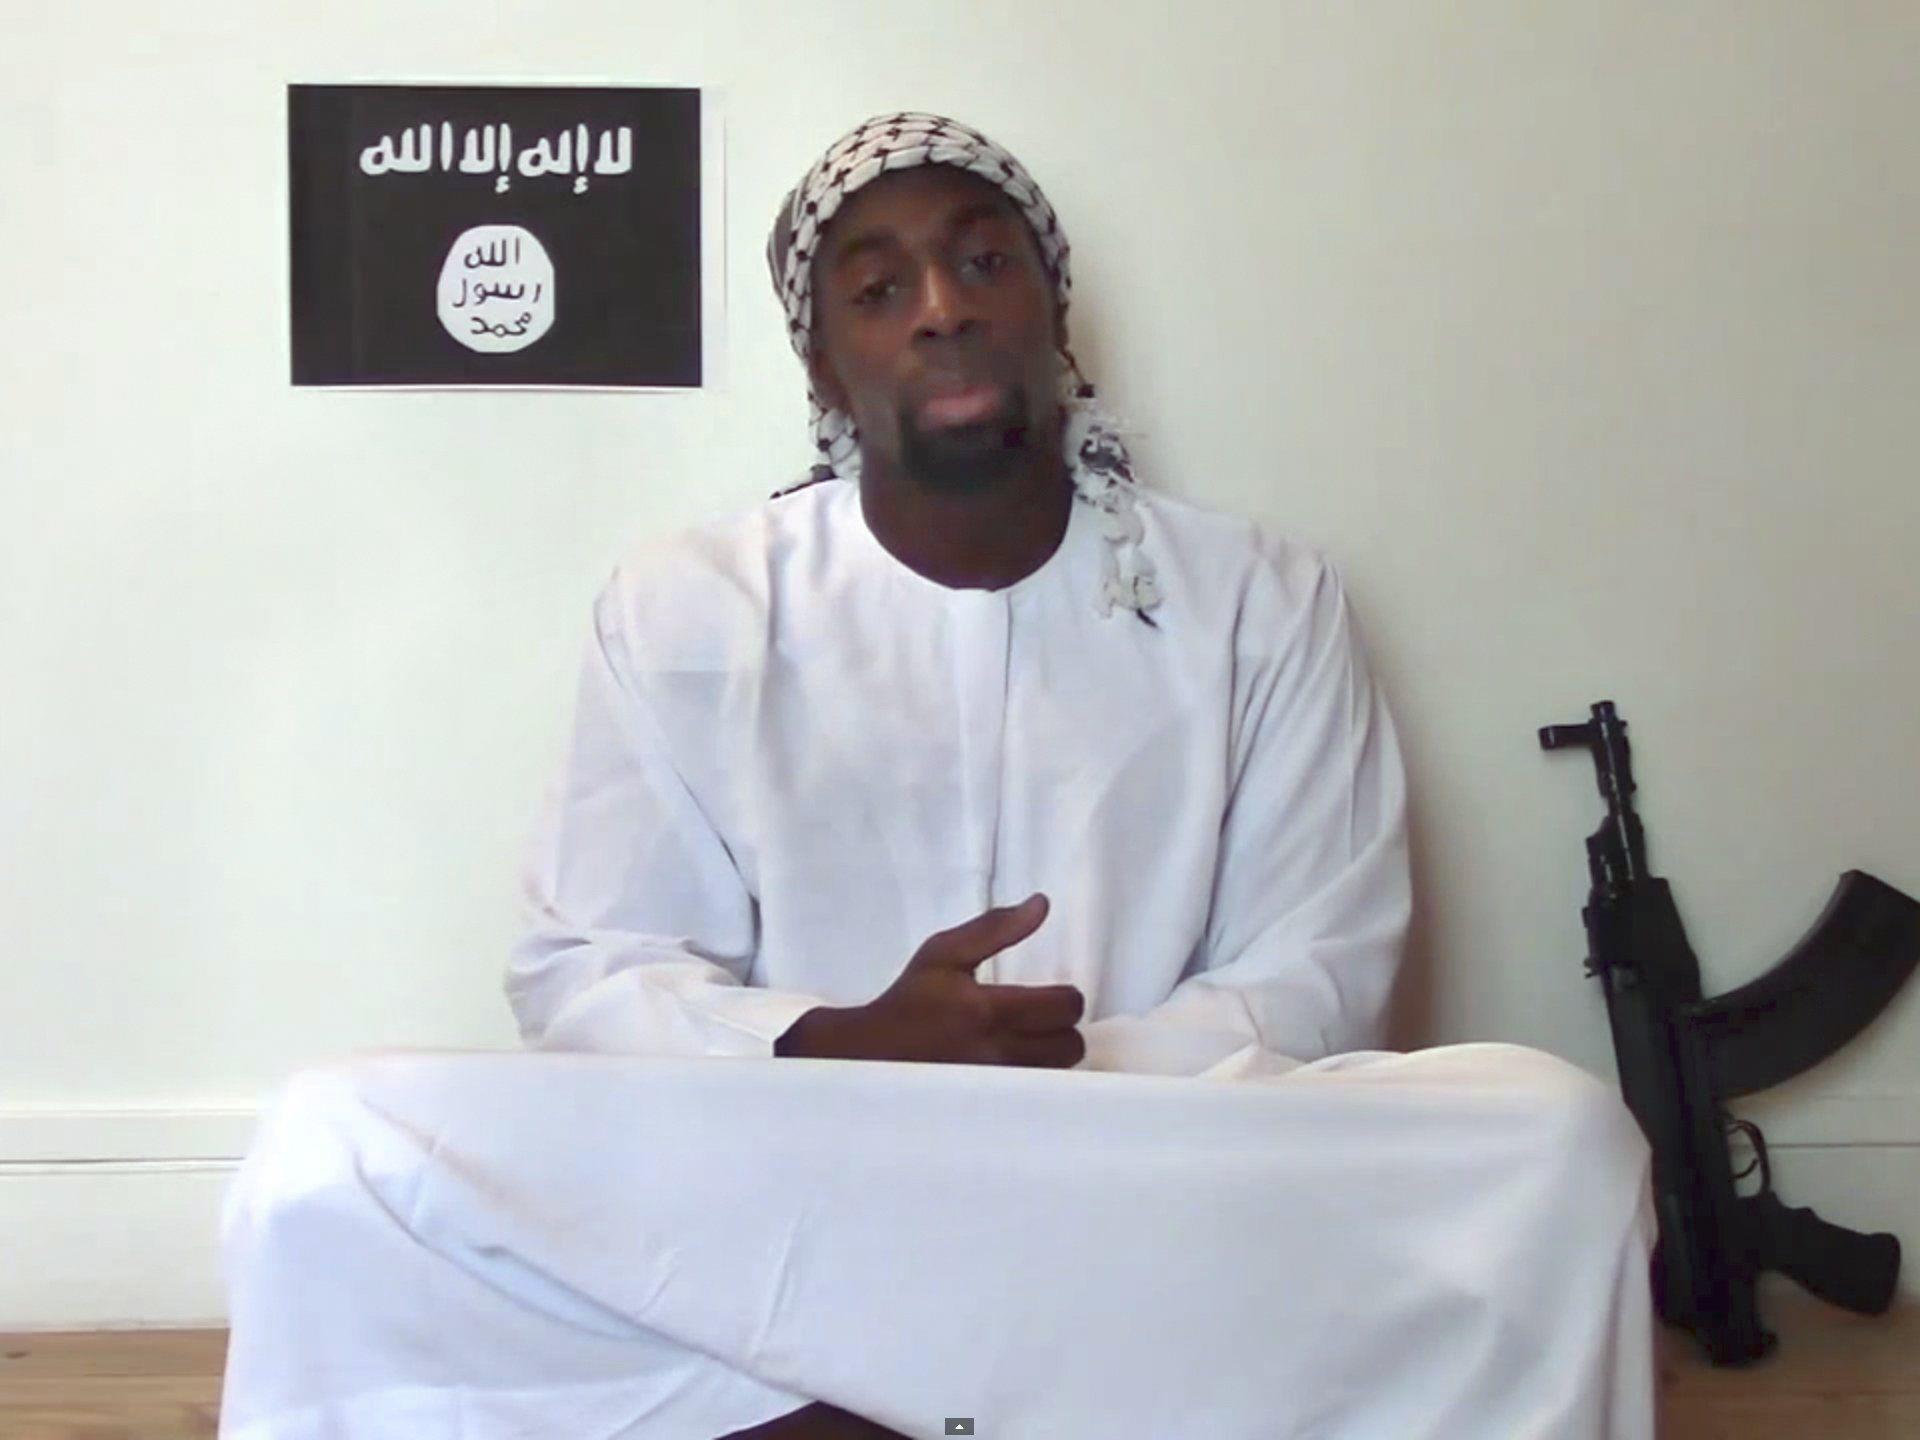 Bekenntnis zu Anschlag in Frankreich im Namen von IS-Miliz.